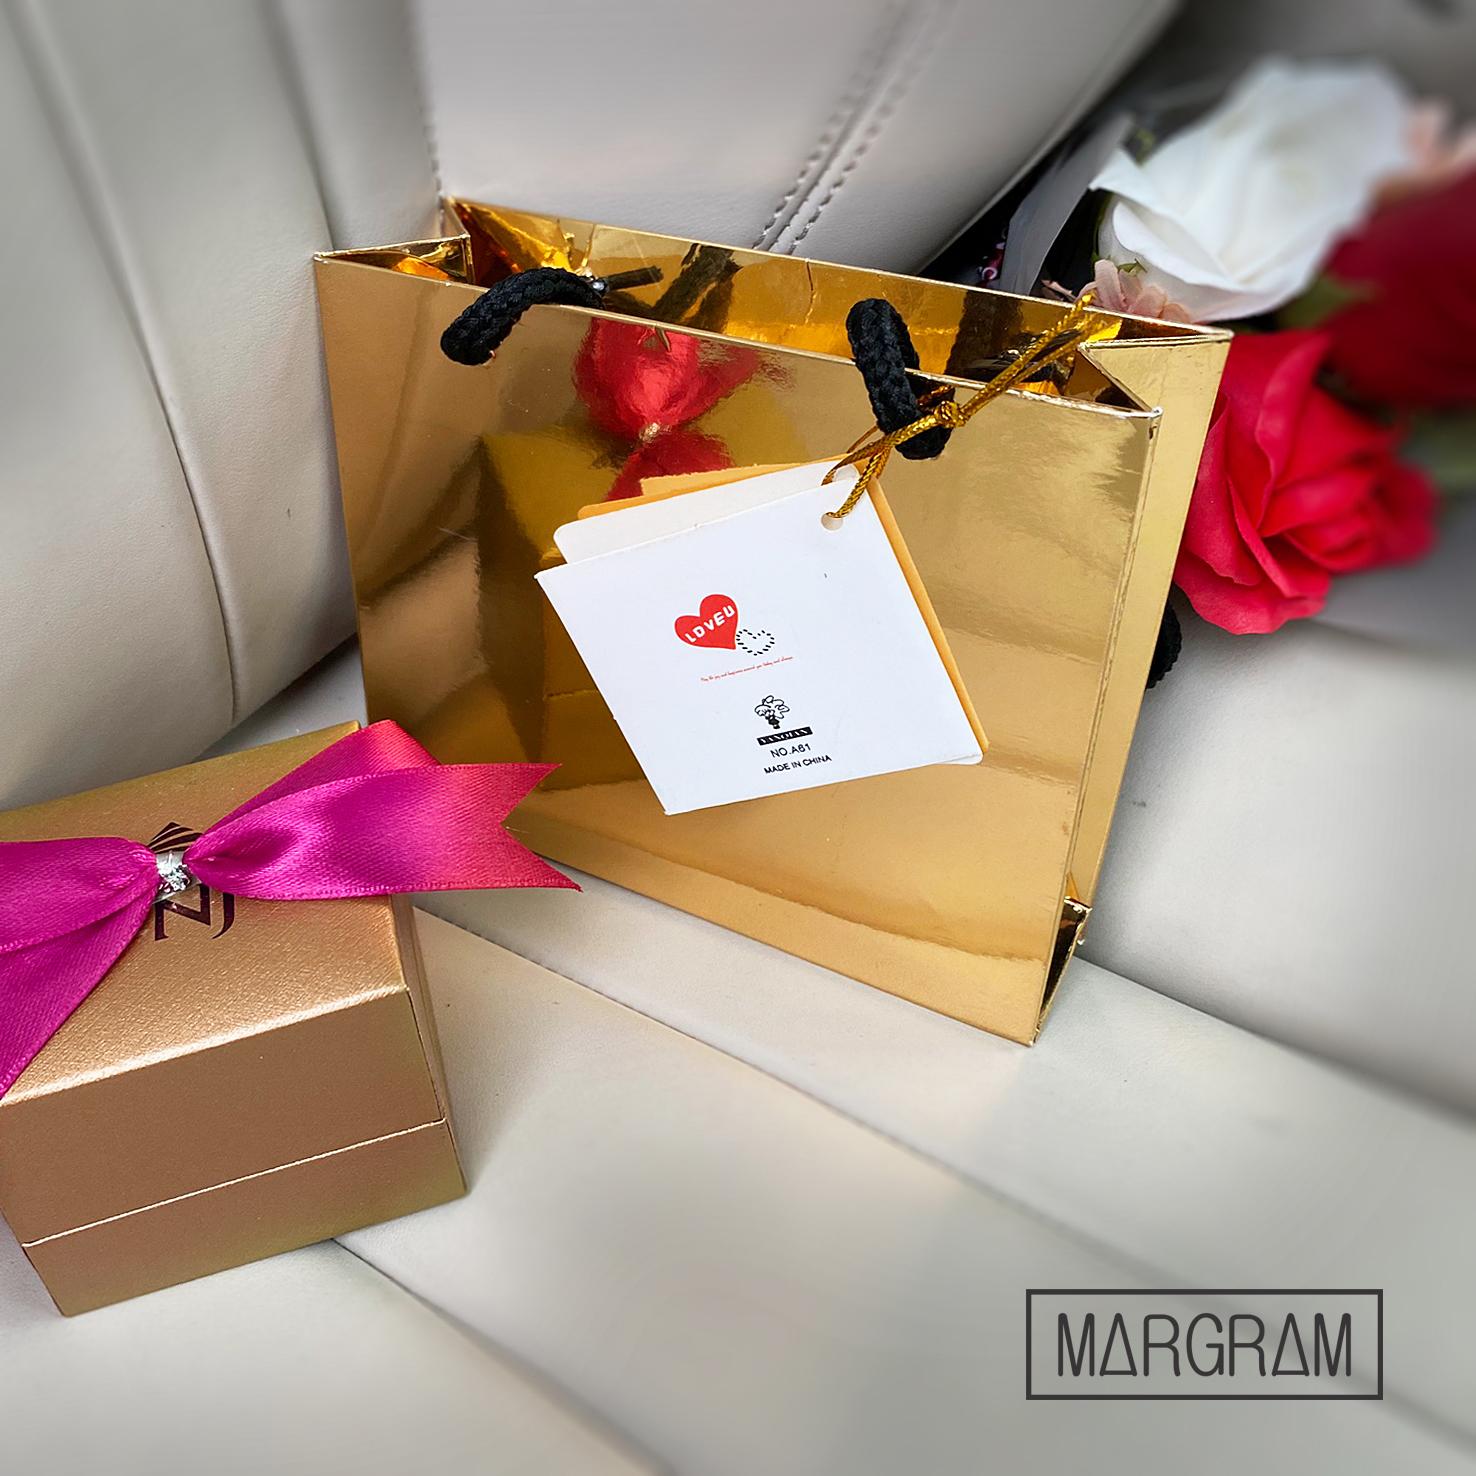 tui-valentine-margram-07